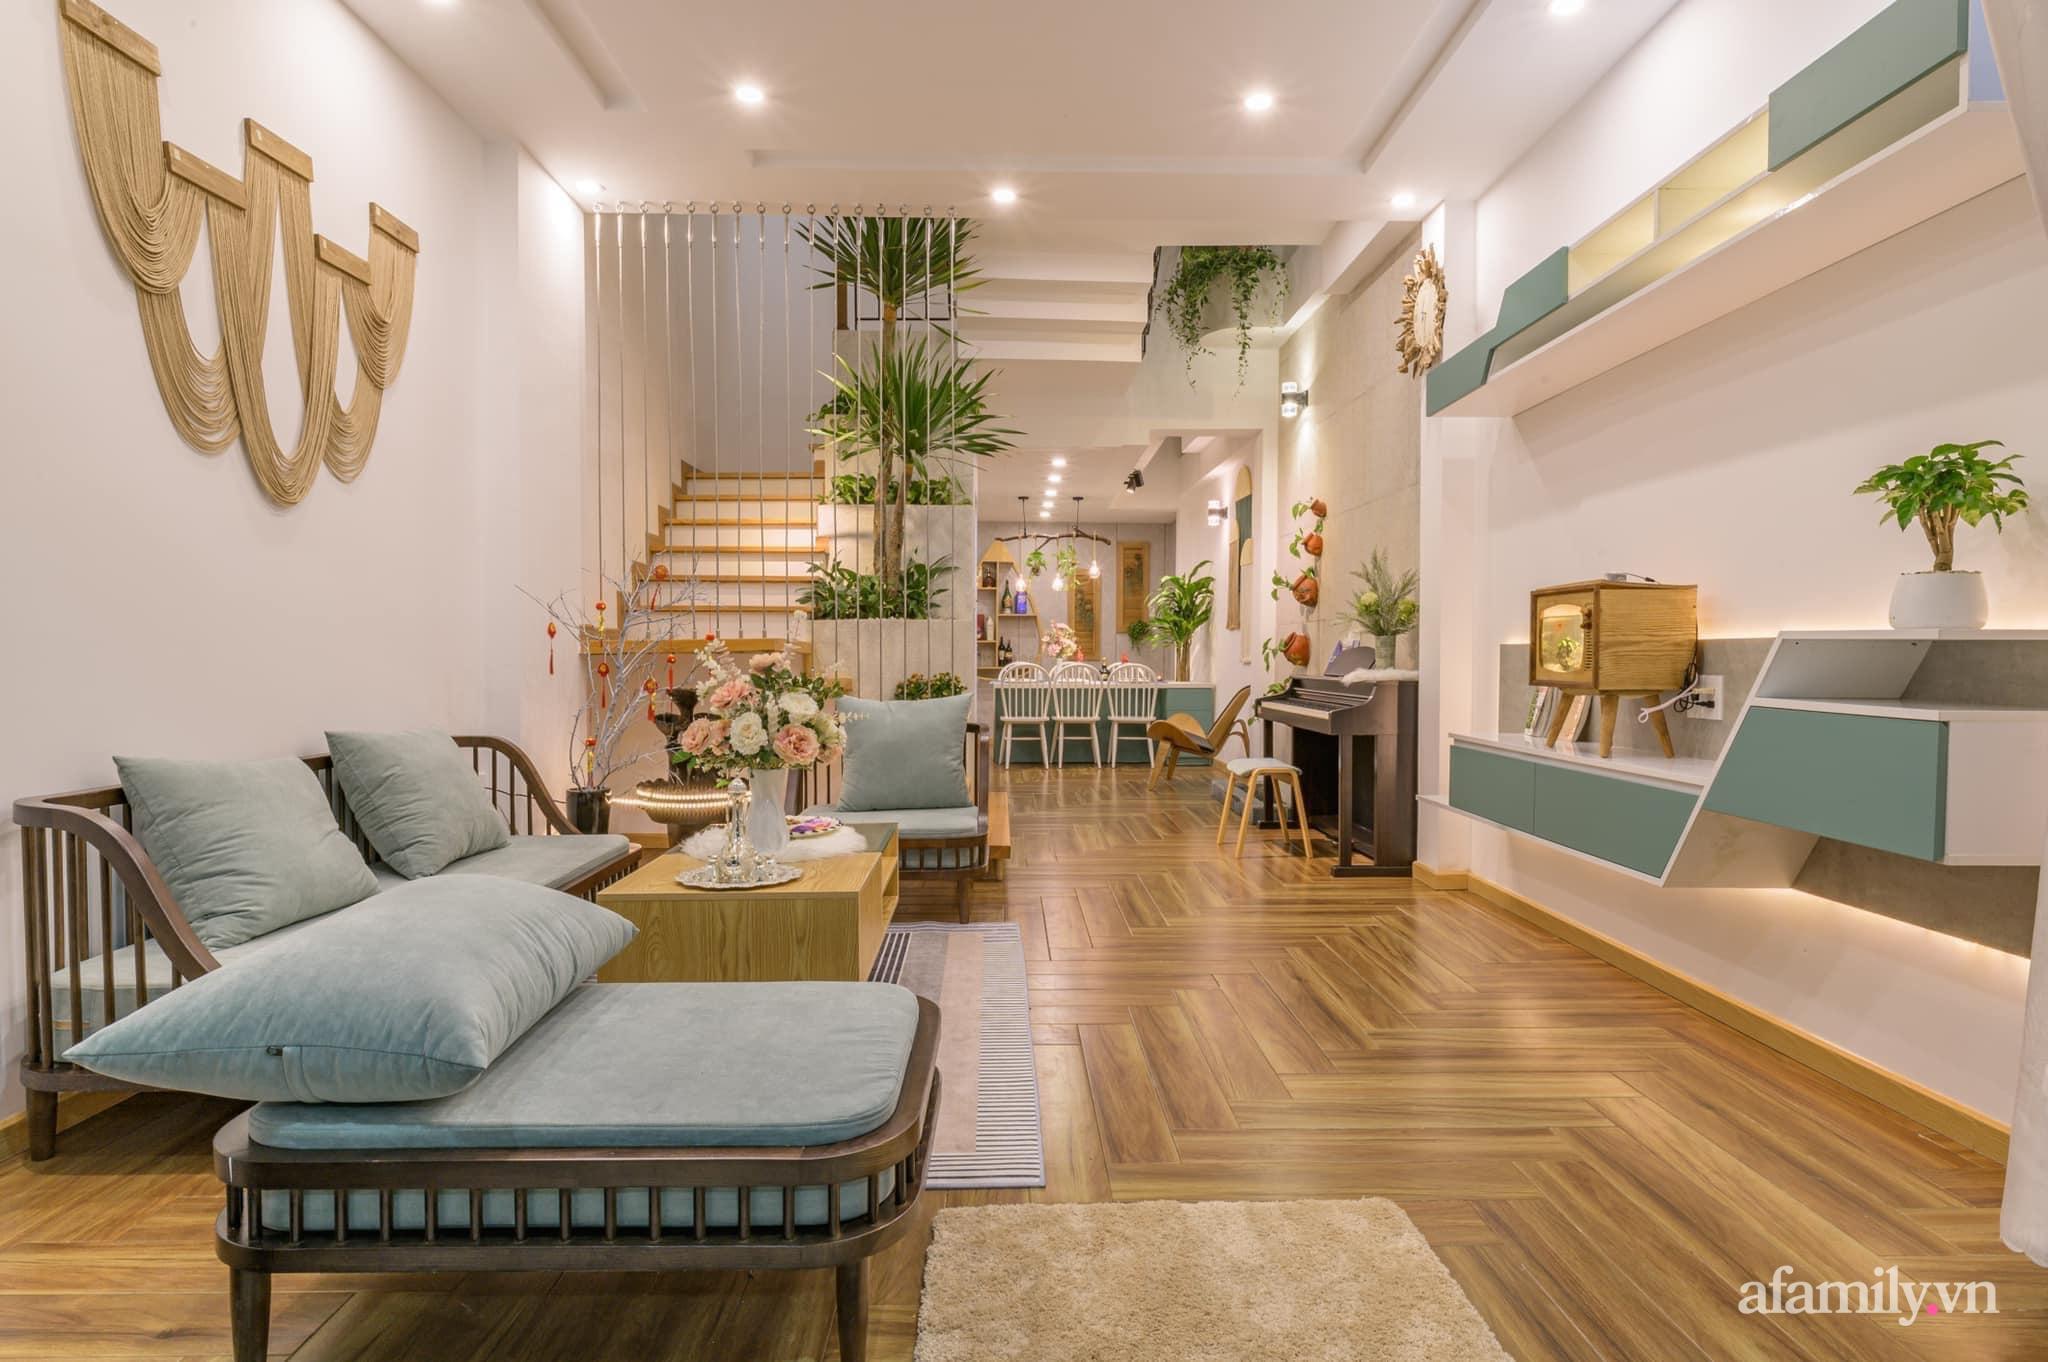 Nhà phố 4 tầng rộng 58m² đẹp an yên với giếng trời nhiều cây xanh và ánh nắng ngập tràn ở Đà Nẵng - Ảnh 4.